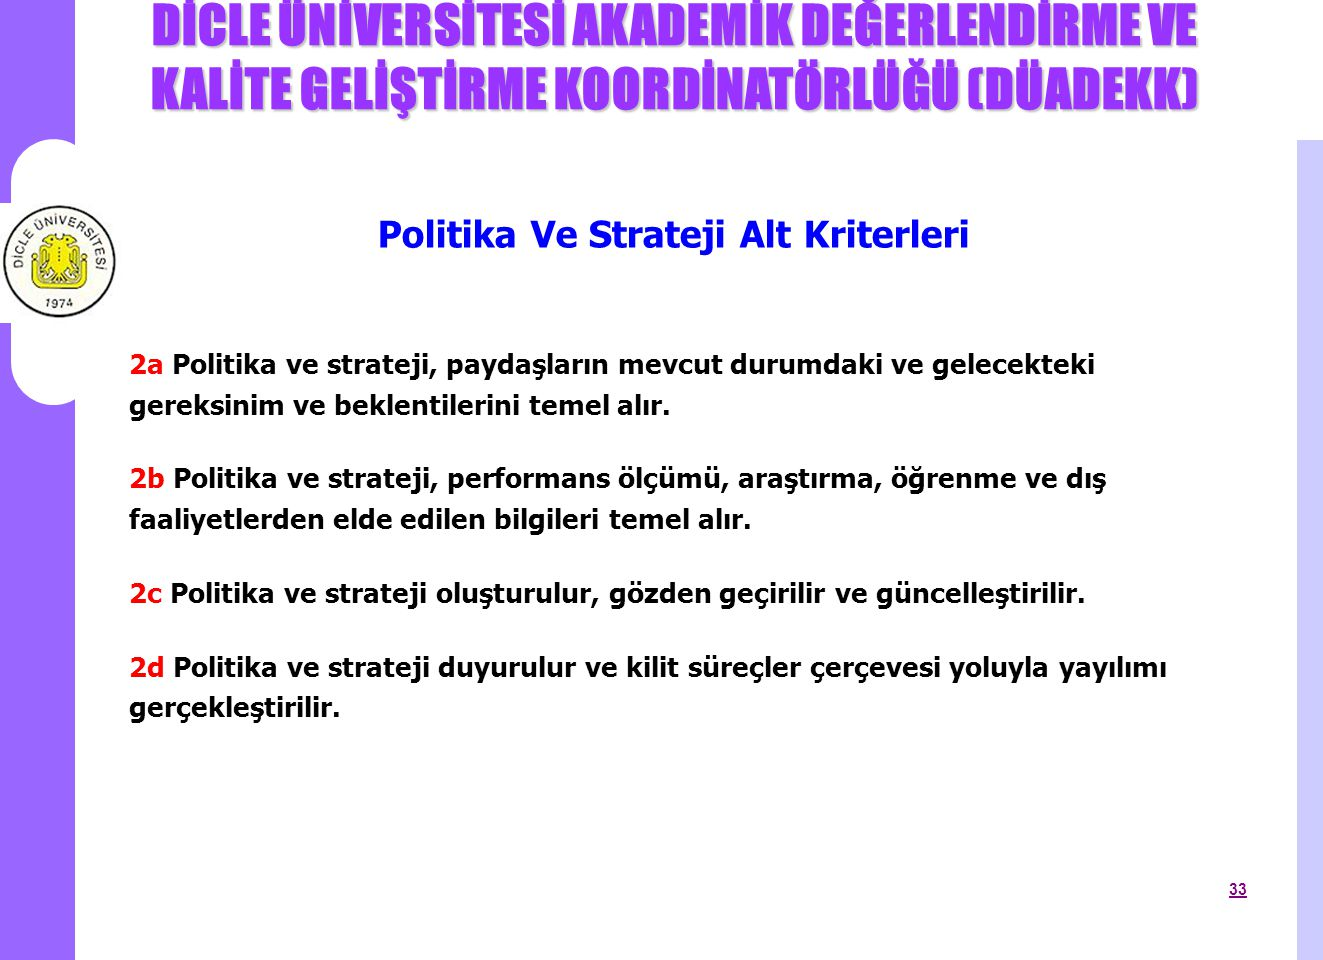 Politika Ve Strateji Alt Kriterleri